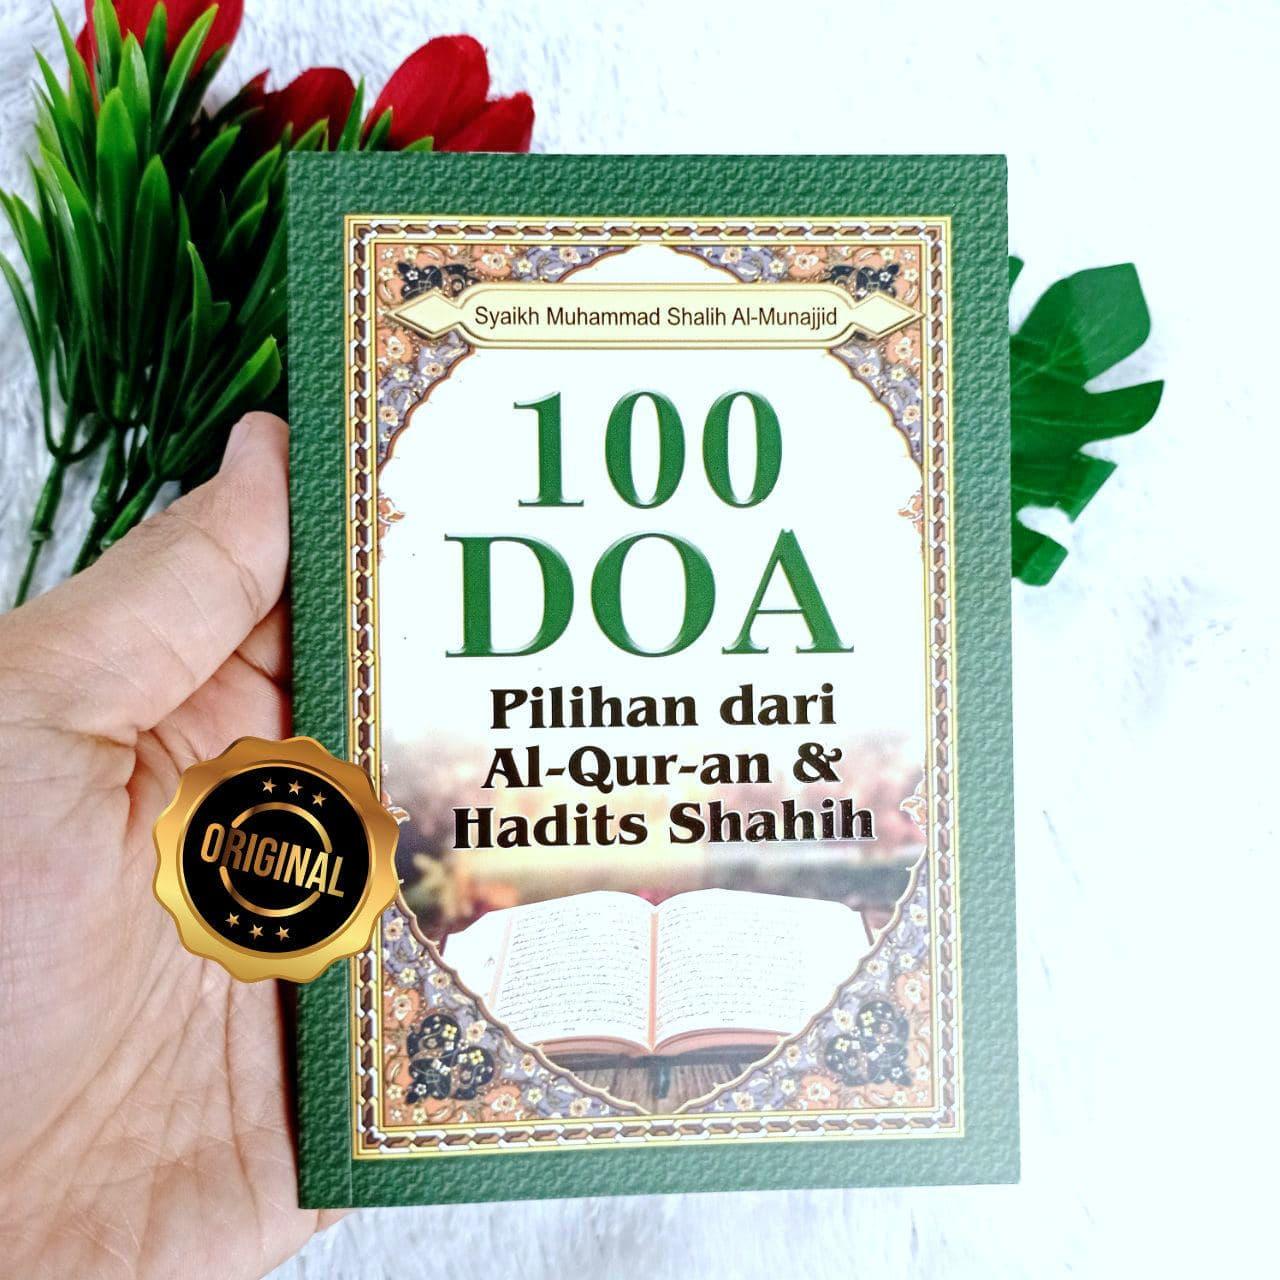 Buku 100 Doa Pilihan Dari Al-Quran Dan Hadits Shahih